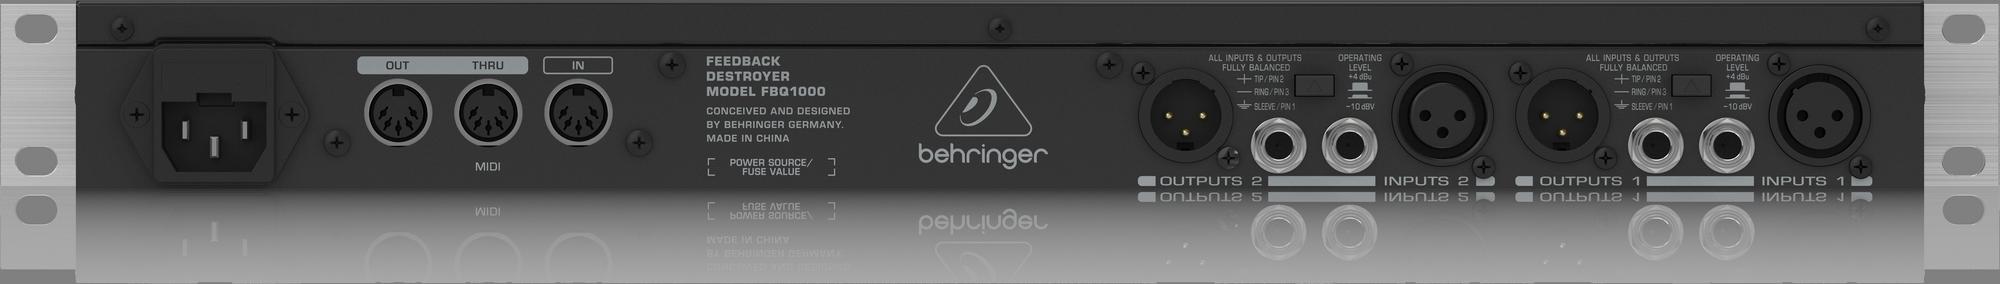 Behringer FBQ1000 Feedback Destroyer